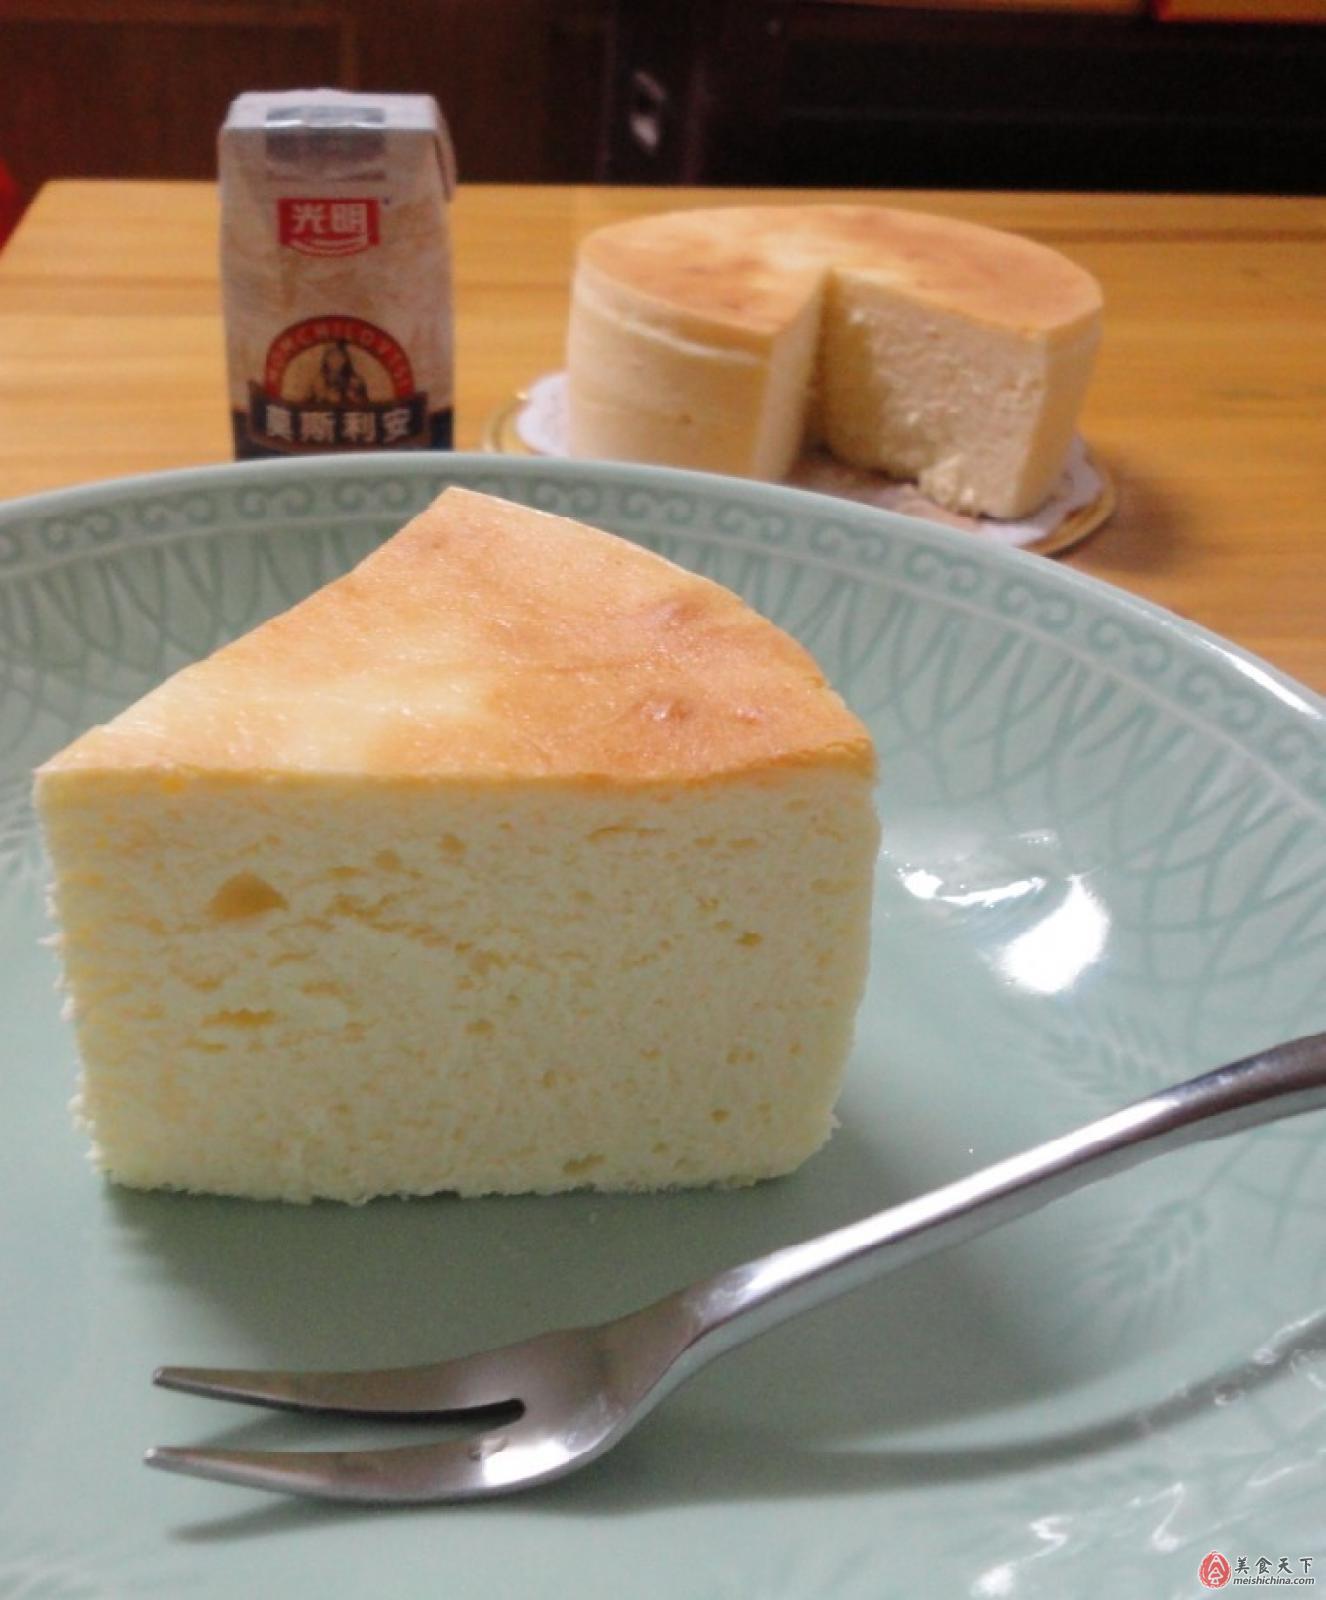 絕對驚艷的口感----舒芙蕾輕乳酪蛋糕_舒芙蕾輕乳酪蛋糕_皇后的幸福廚房的日志_美食天下